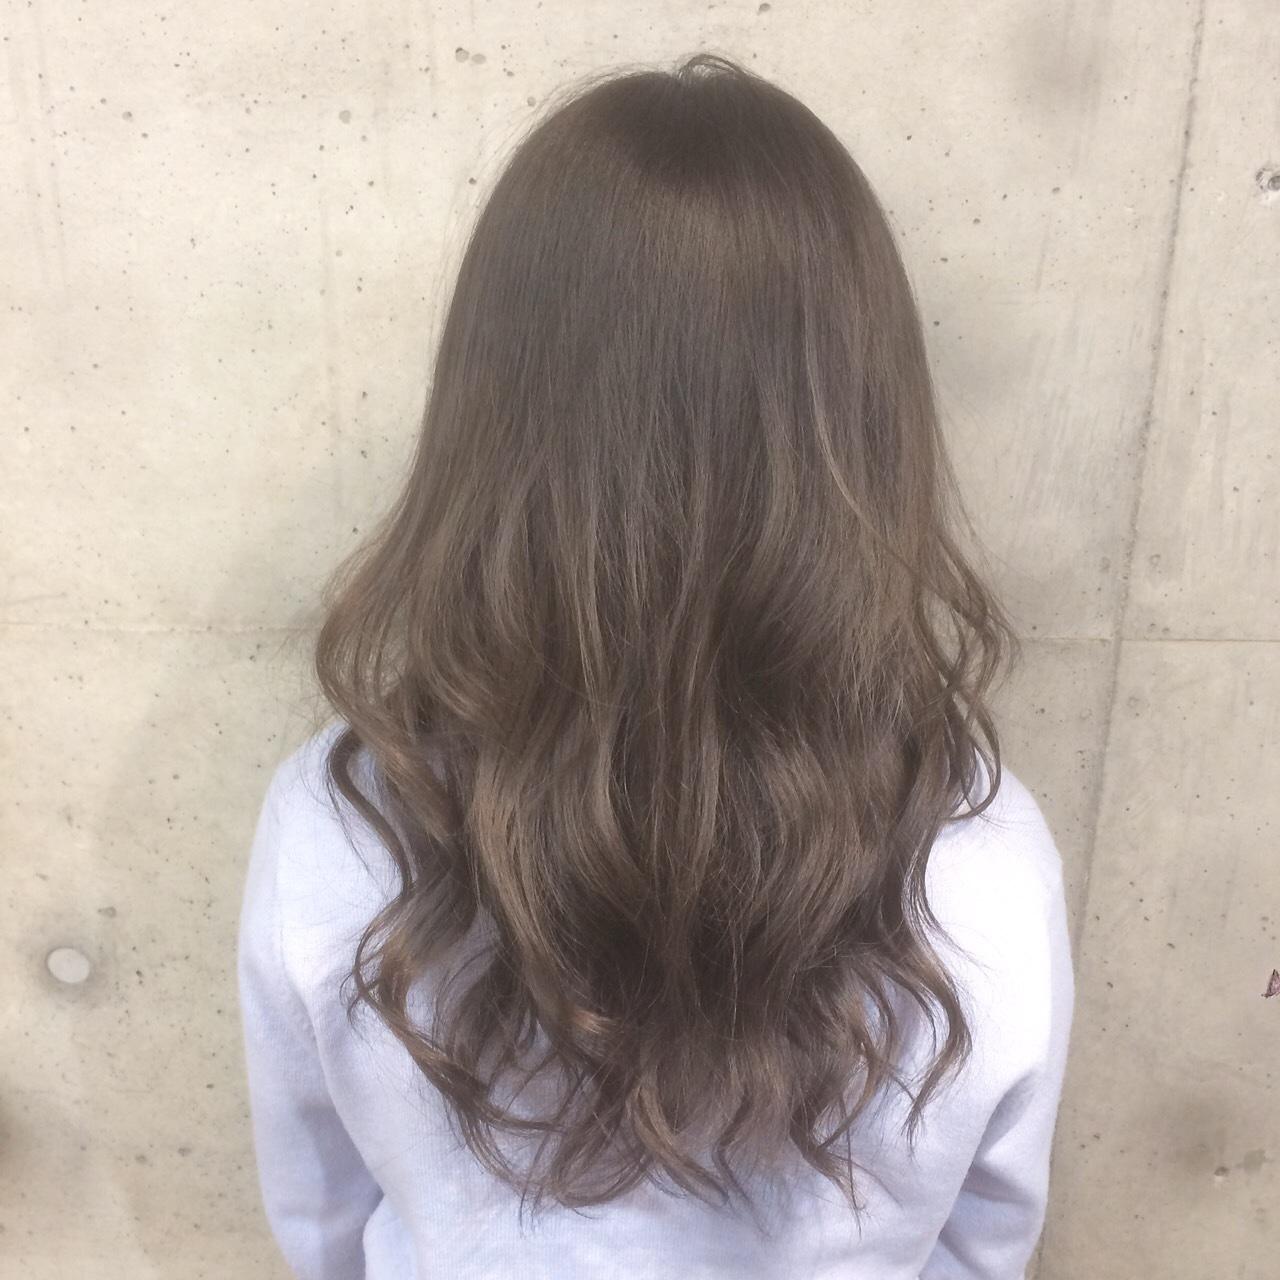 イメチェン【春色】ヘアカラー♡_1_1